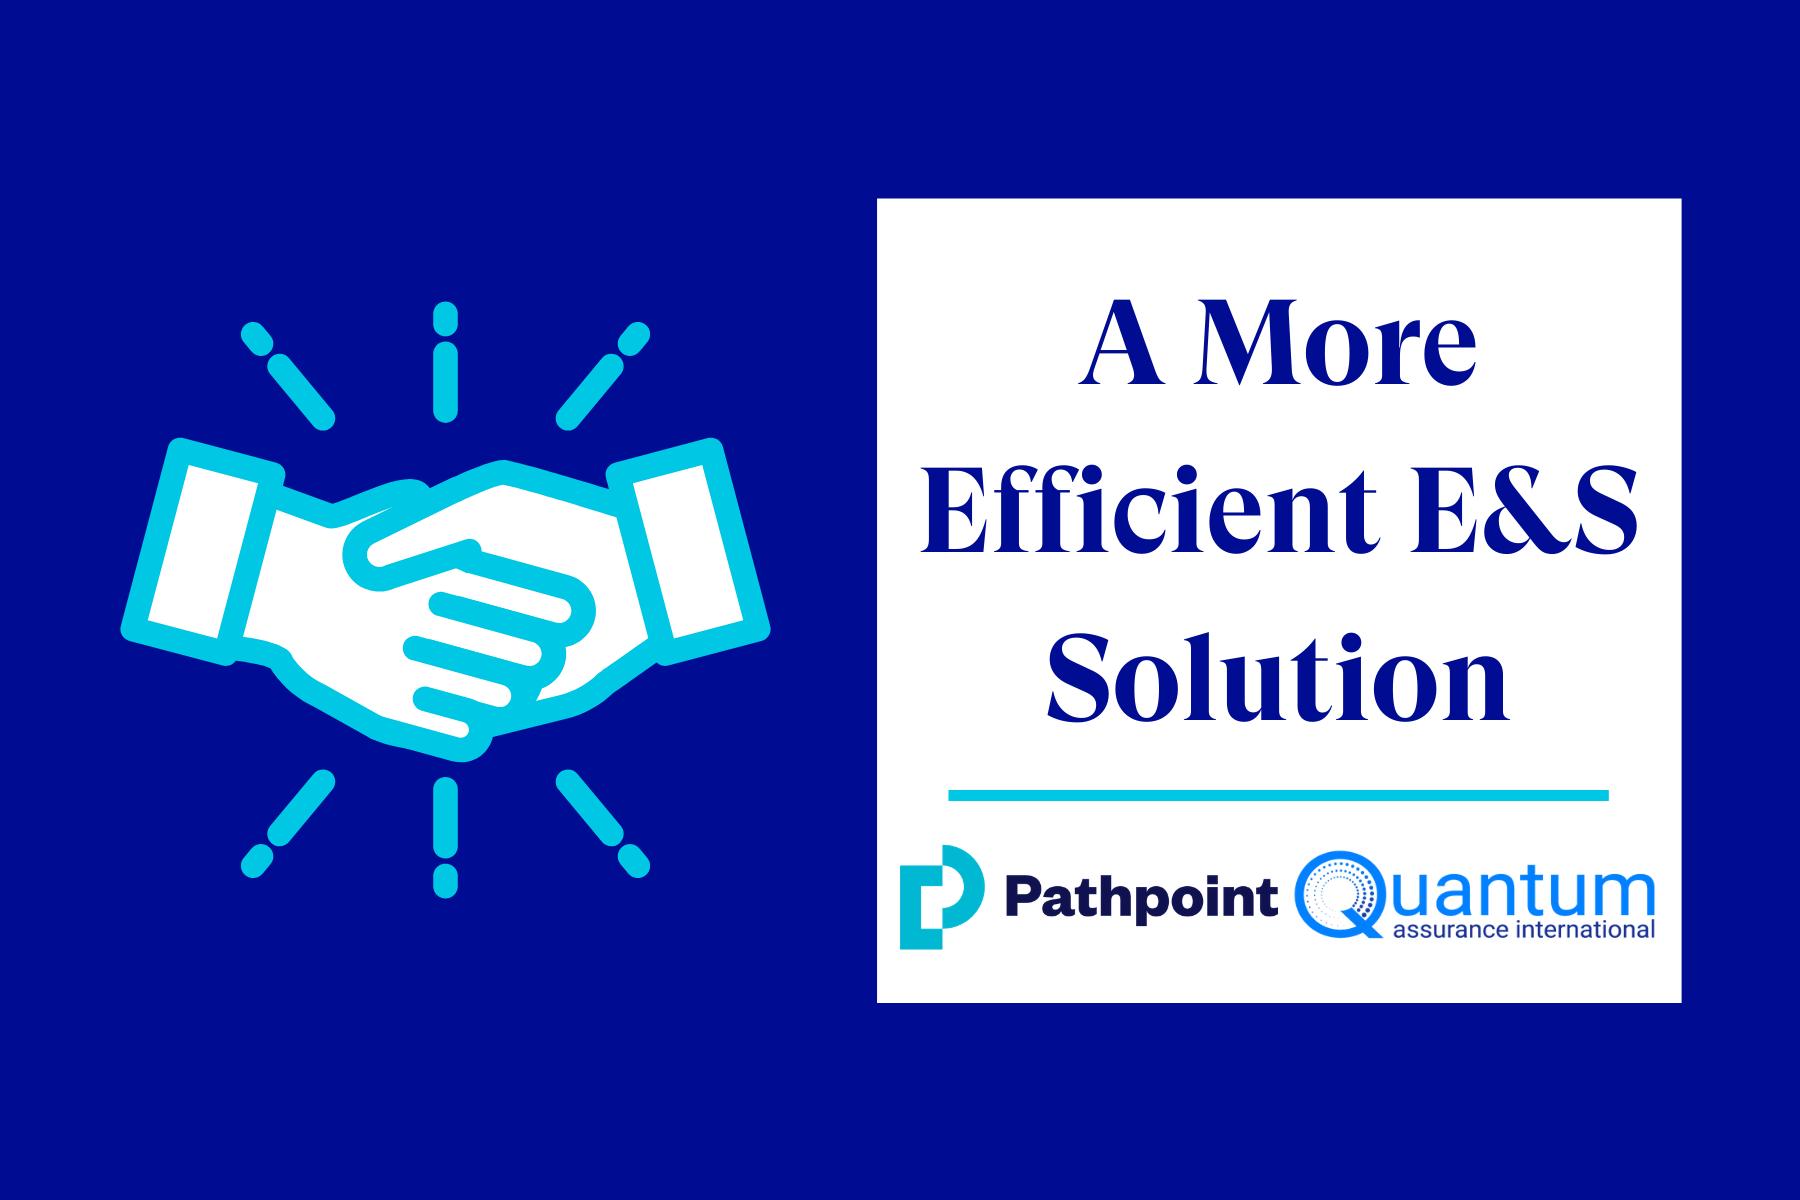 A More Efficient E&S Solution